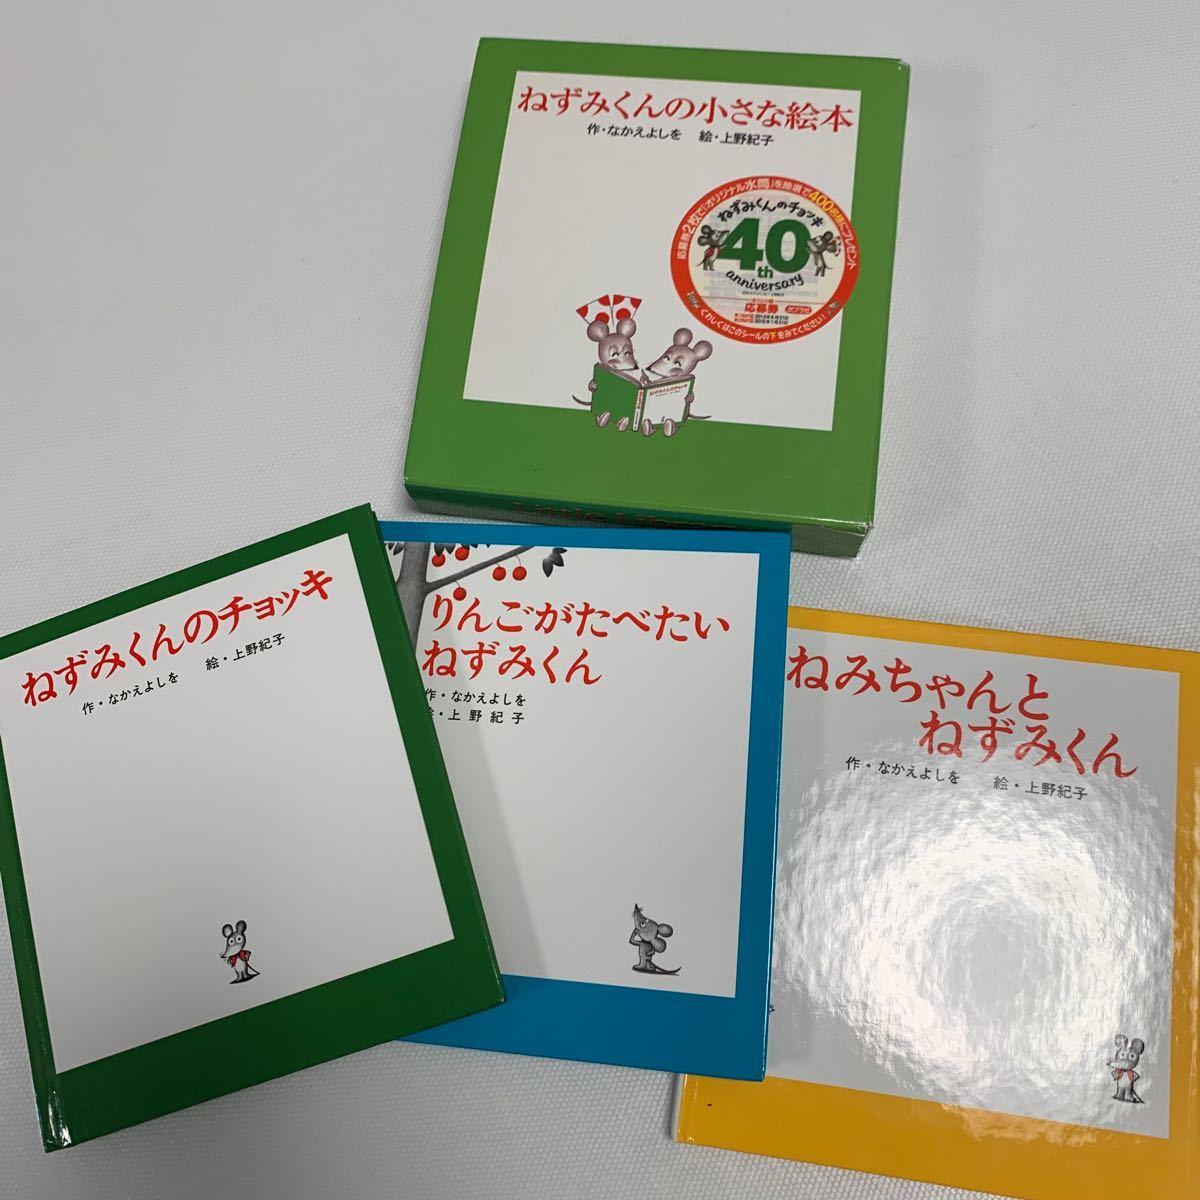 ねずみくんの小さな絵本 全3巻/なかえよしを/上野紀子